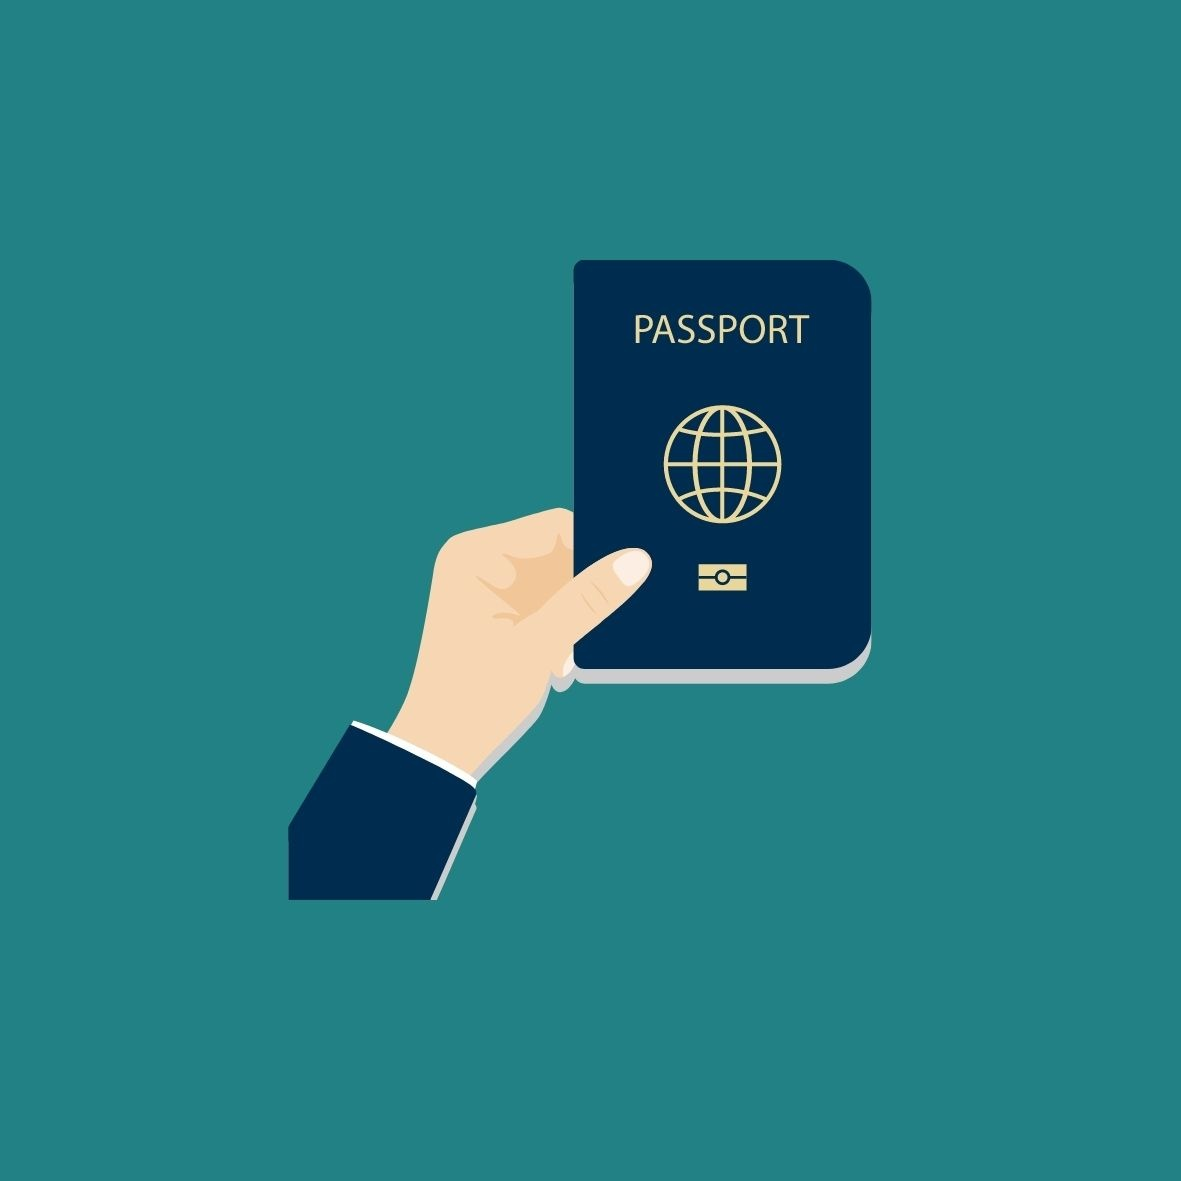 Daftar Paspor Secara Online